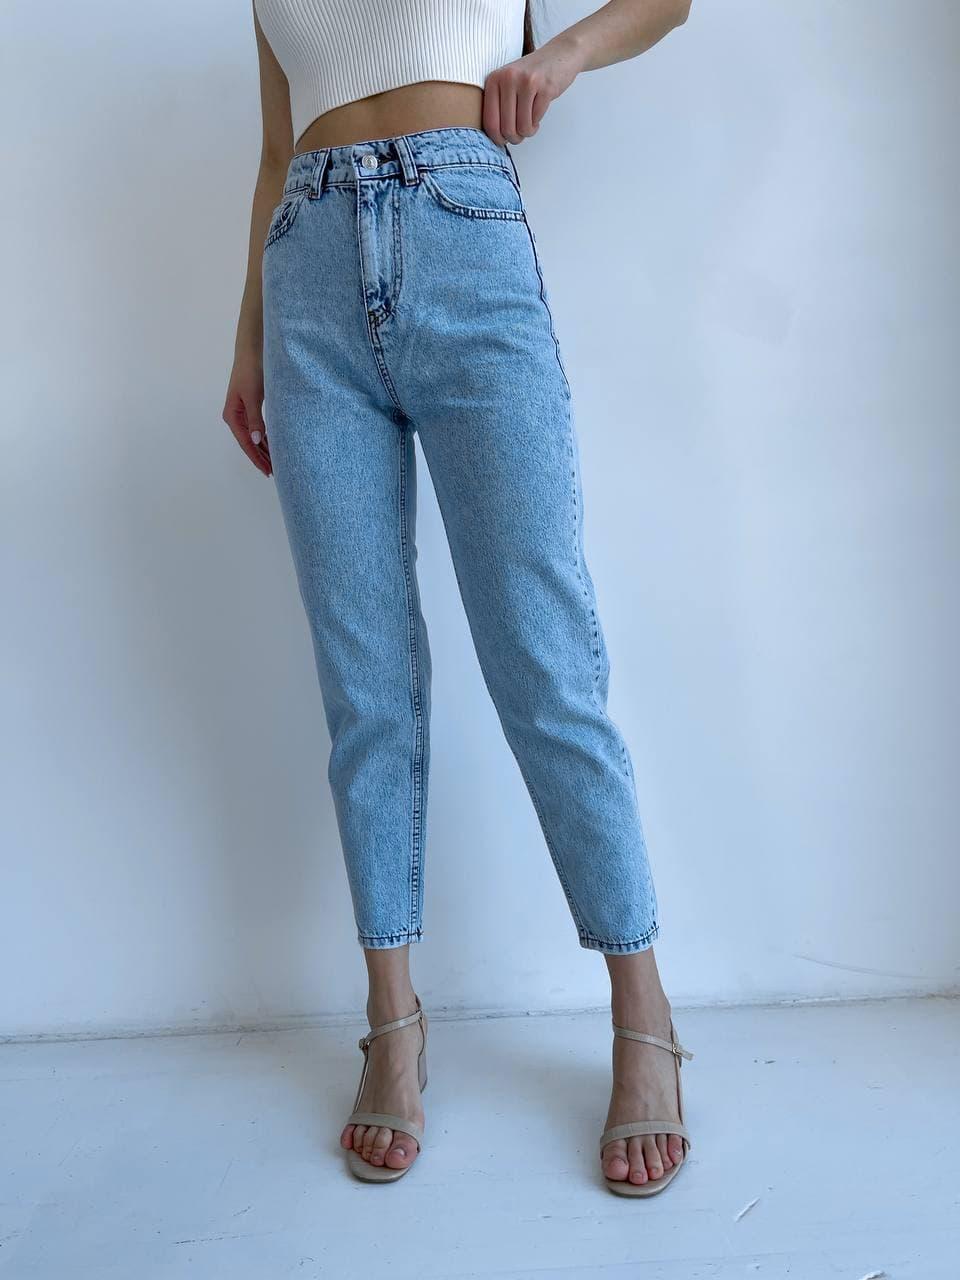 Женские джинсы МОМ в голубом цвете 28